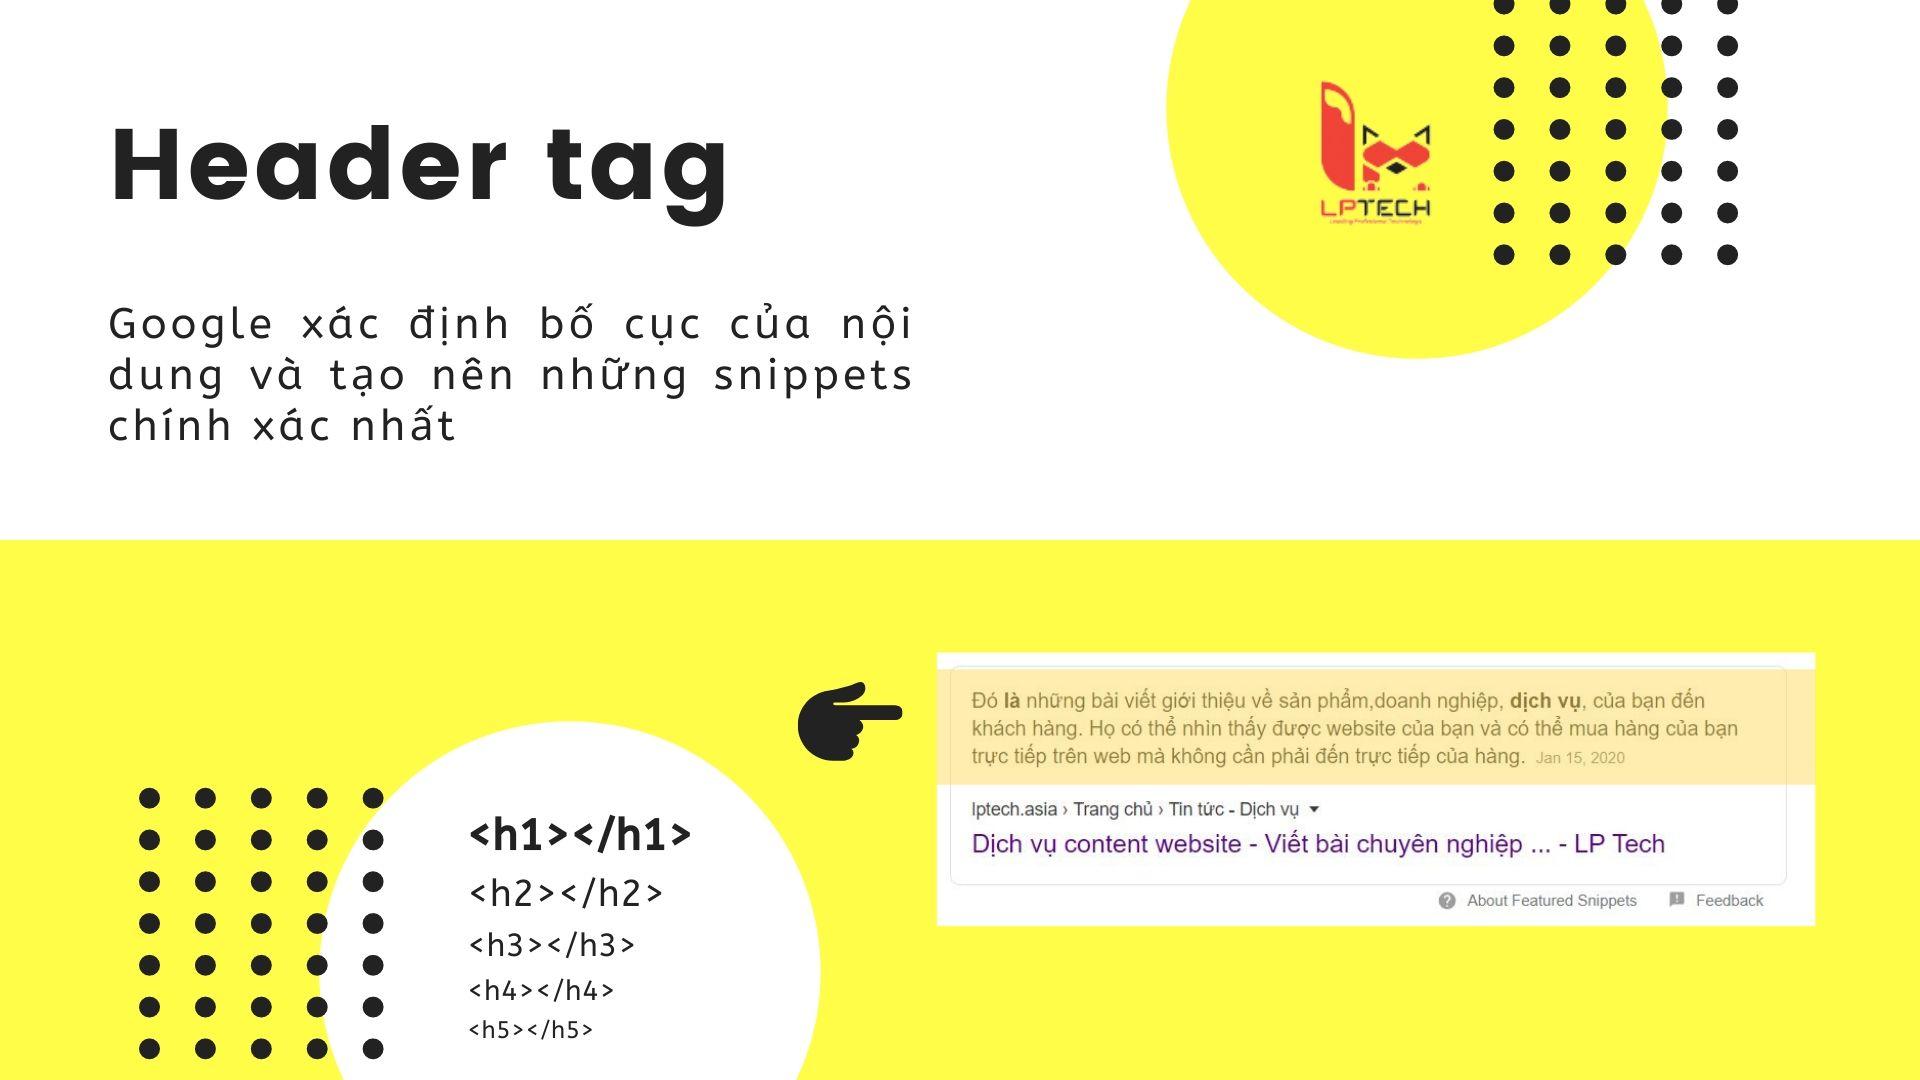 Cách sử dụng header tag